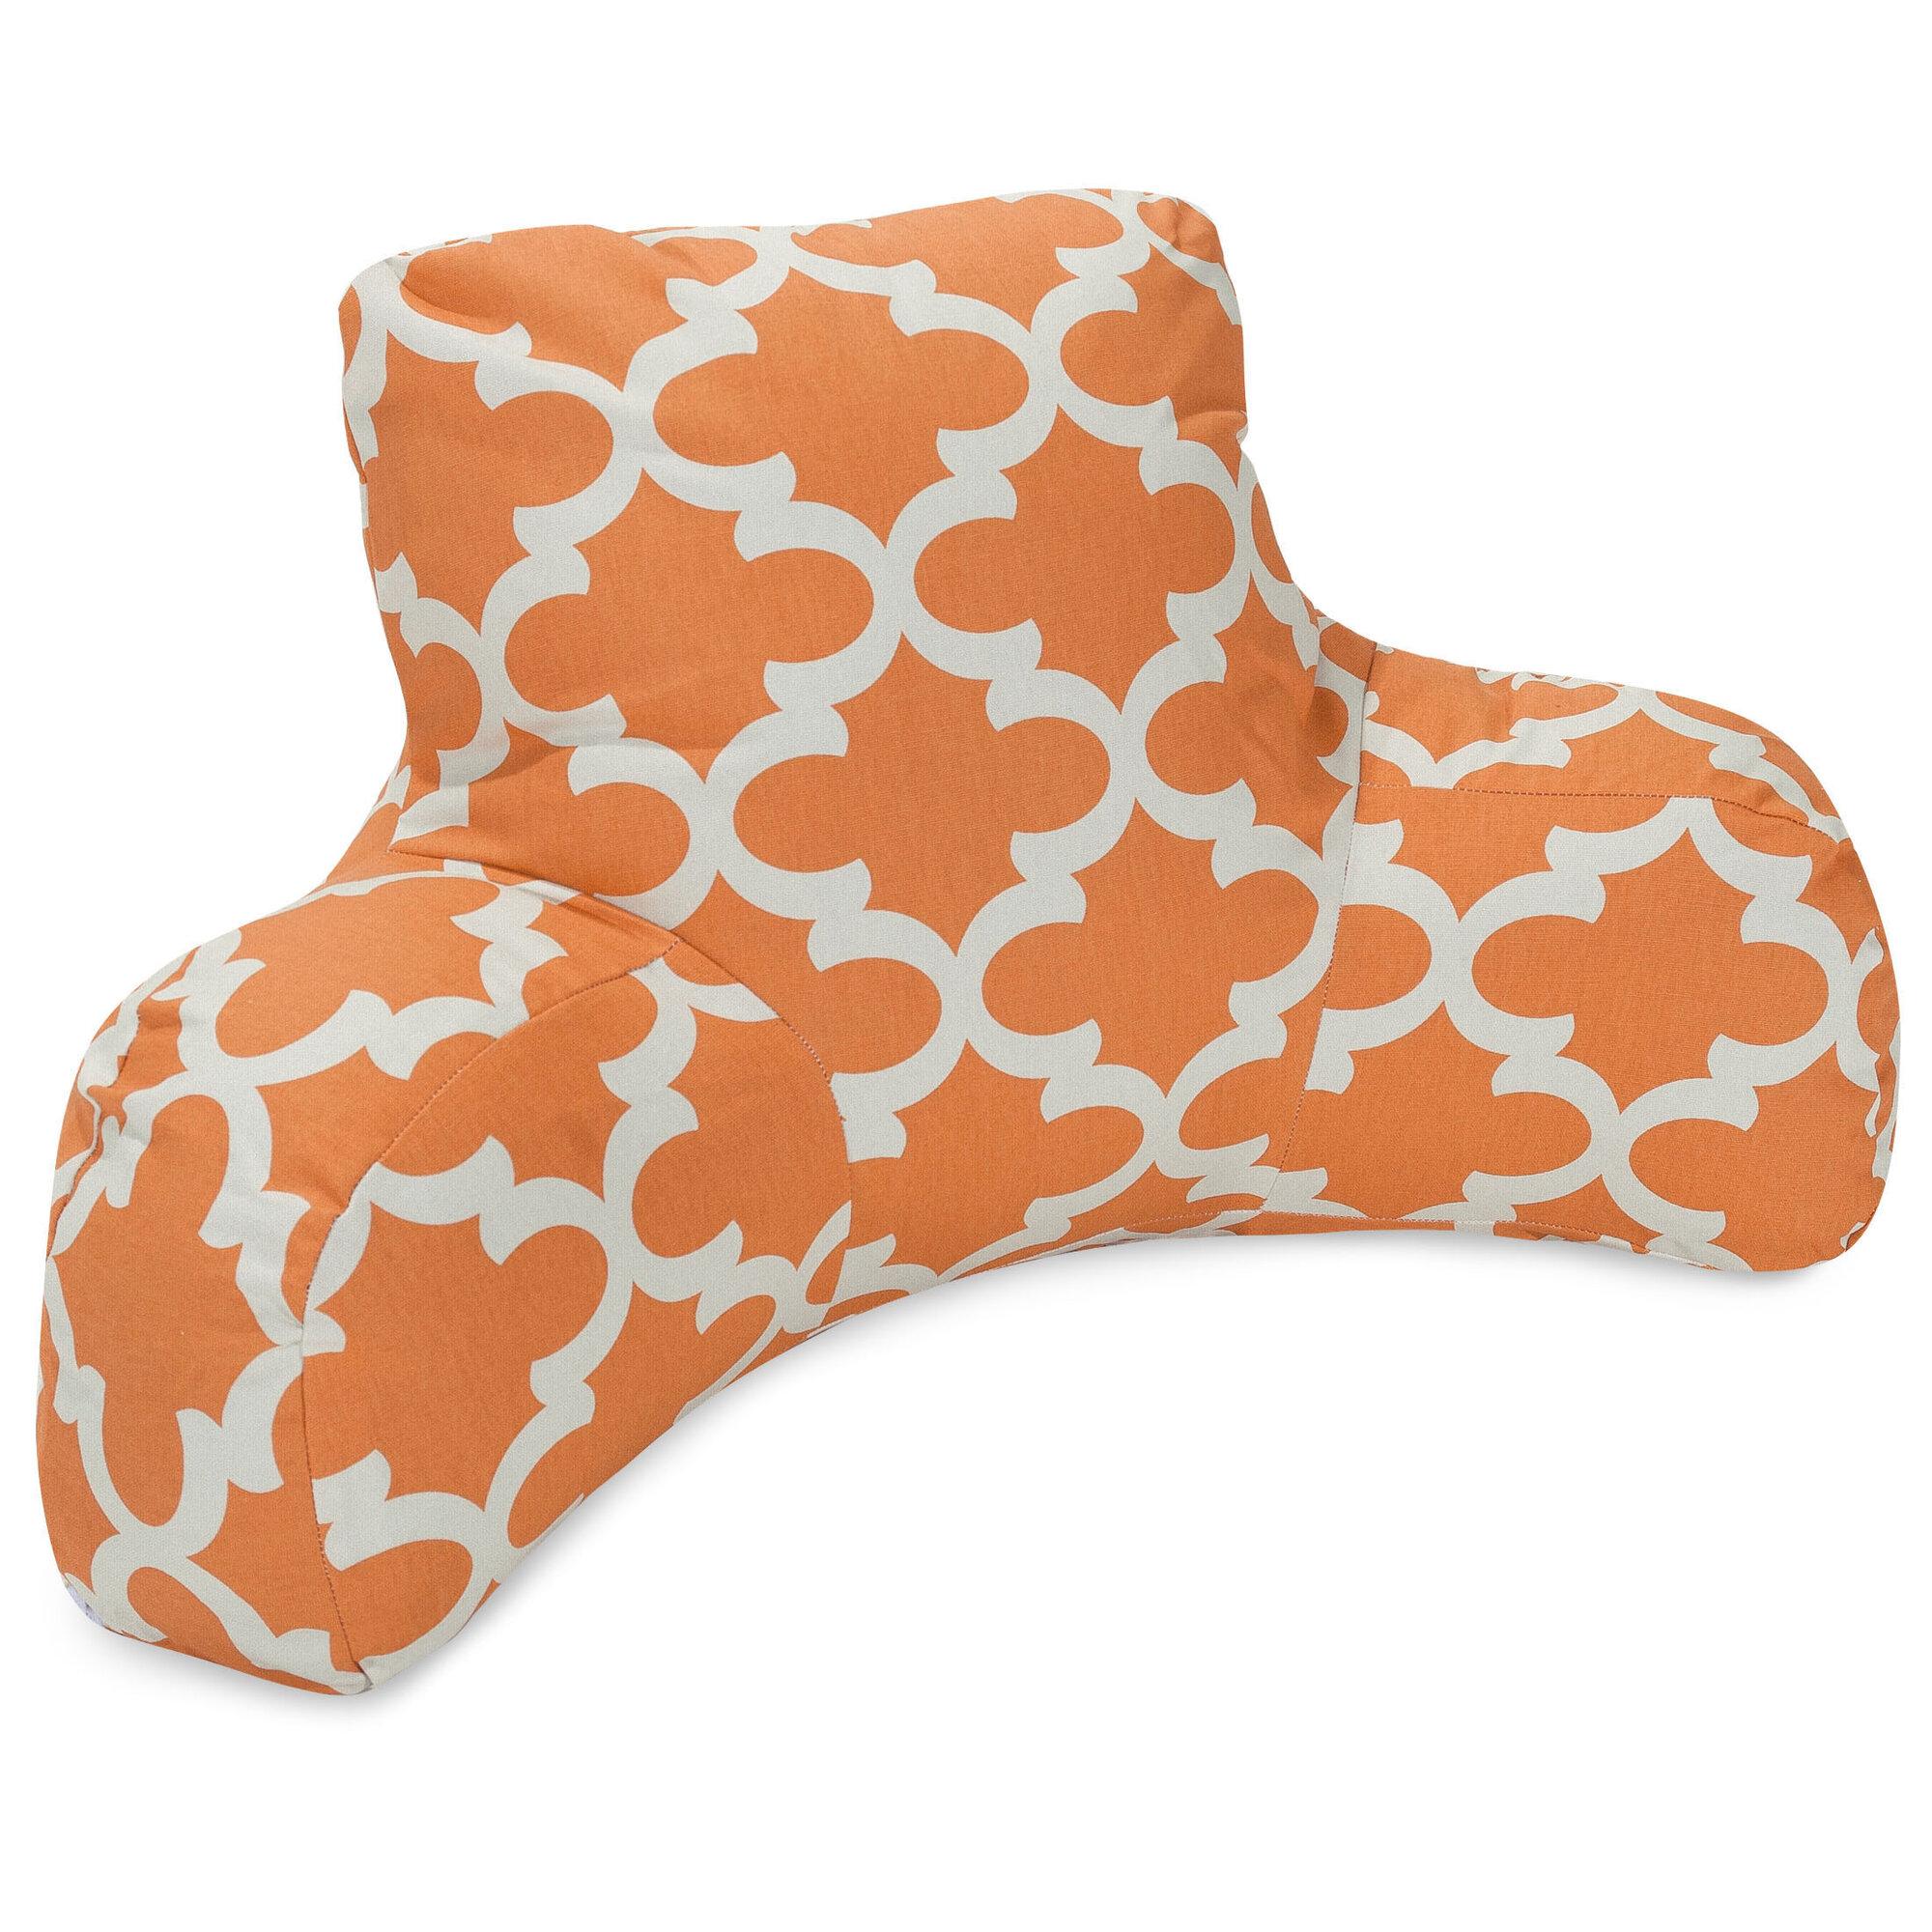 Majestic Home Goods Trellis Indoor/Outdoor Bed Rest Pillow